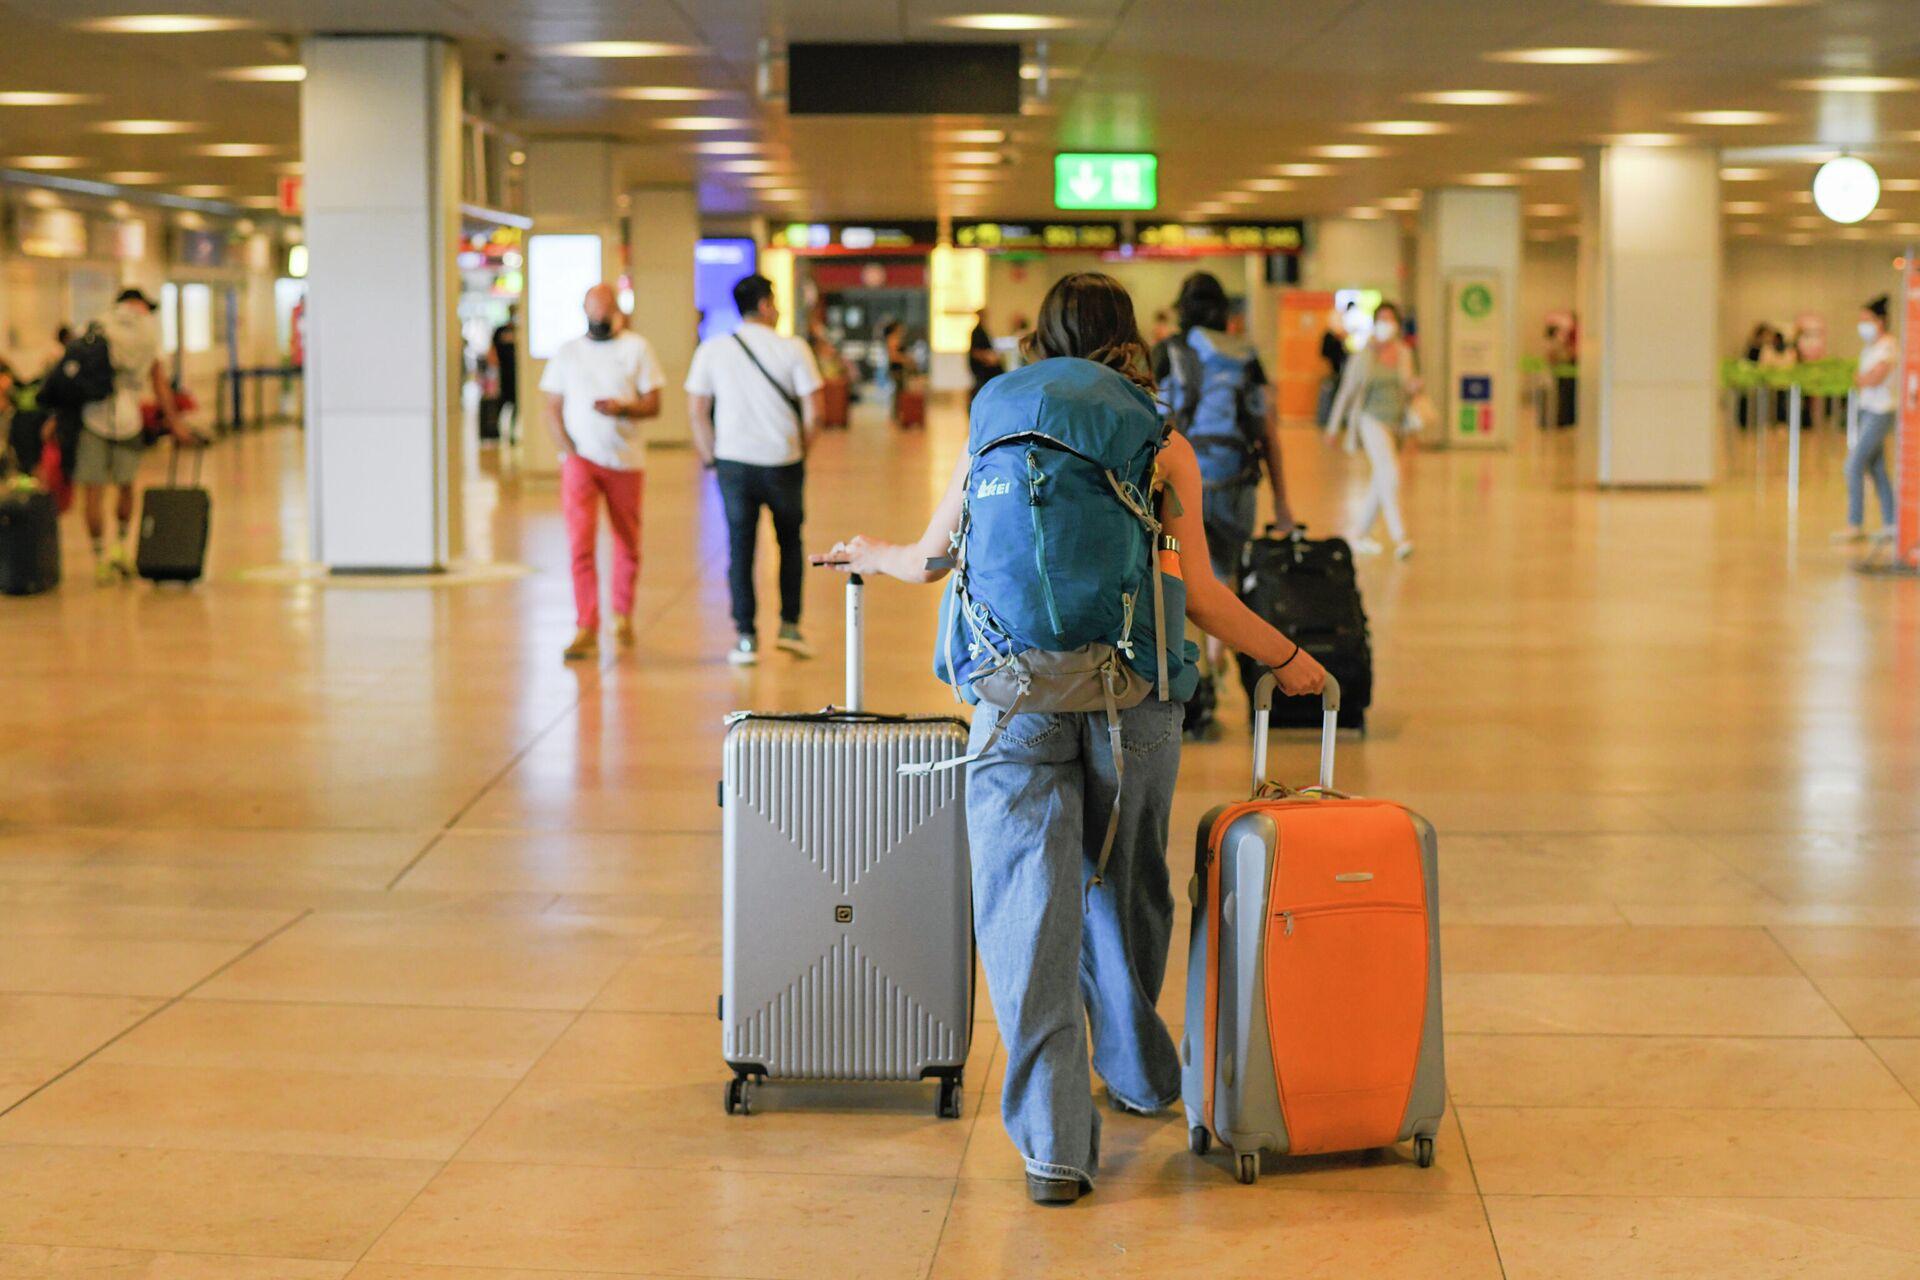 Un pasajero con maletas en la terminal T1 del Aeropuerto Adolfo Suárez Madrid-Barajas, el primer día de la primera 'Operación Salida' del verano 2021, a 2 de julio de 2021, en Madrid (España).  - Sputnik Mundo, 1920, 26.07.2021